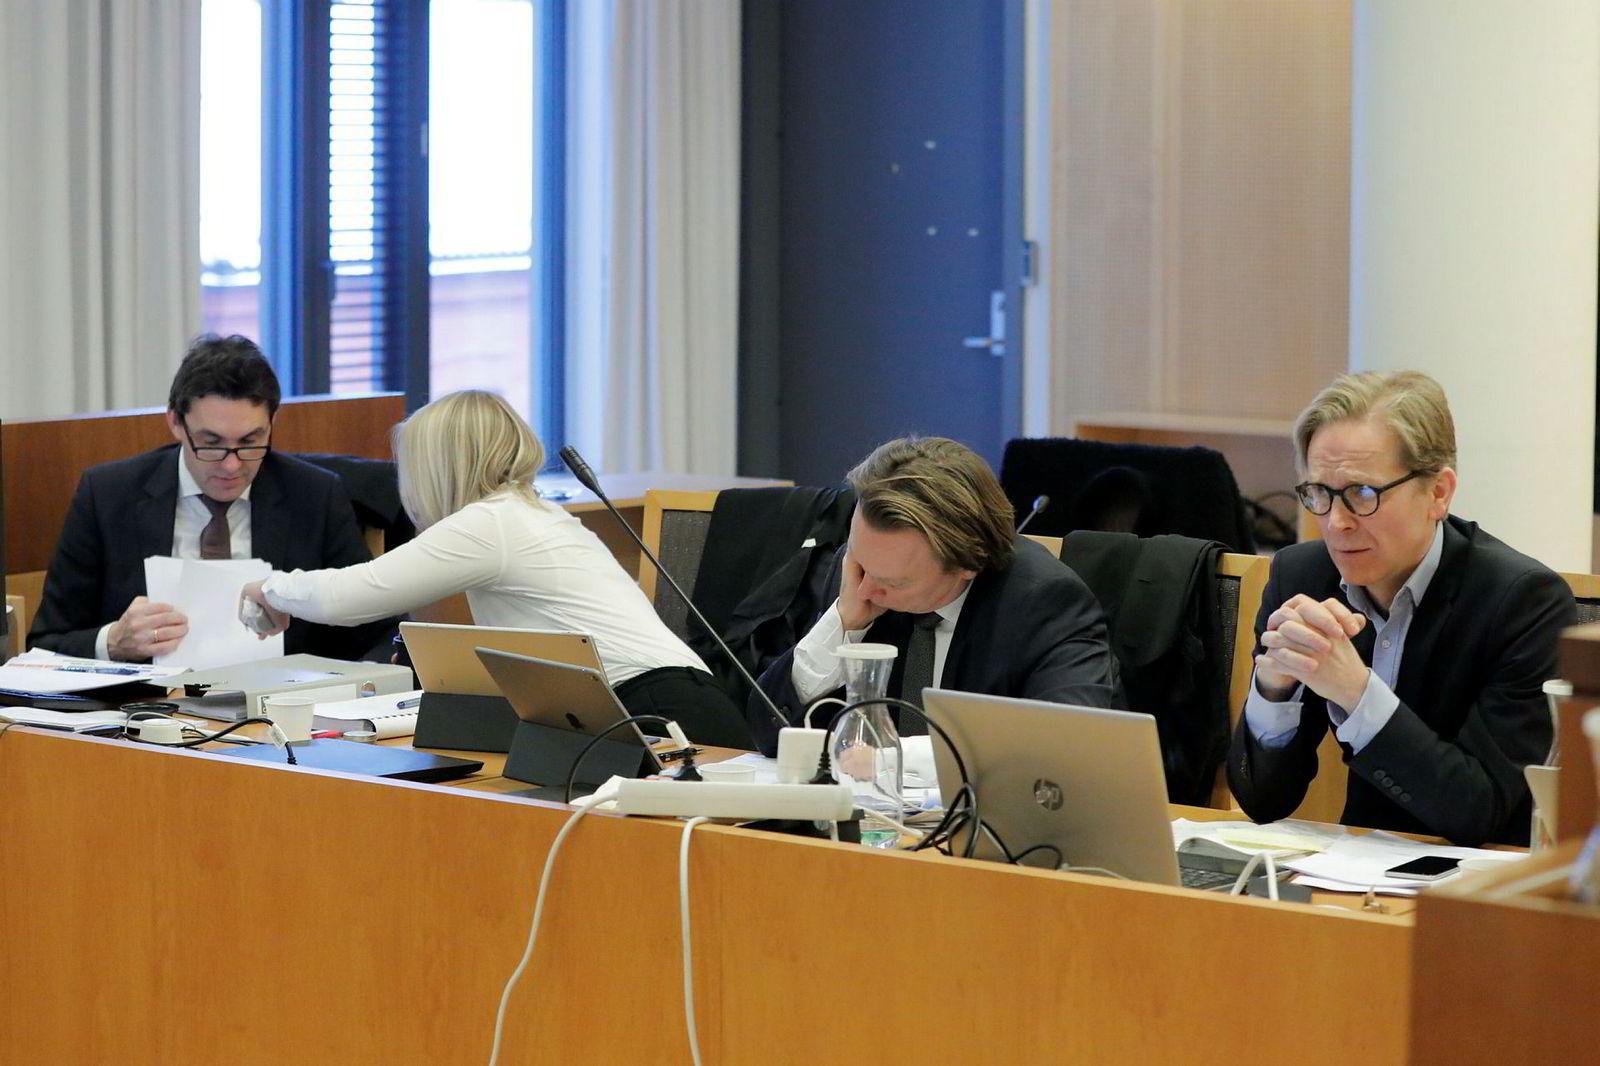 Advokatene Eirik Edvardsen (f.v), Stina Eriksson, Arne Torsten Andersen og konsernsjef Pål Christian StangeI Aleris under rettssaken mellom LO-forbund og Aleris.